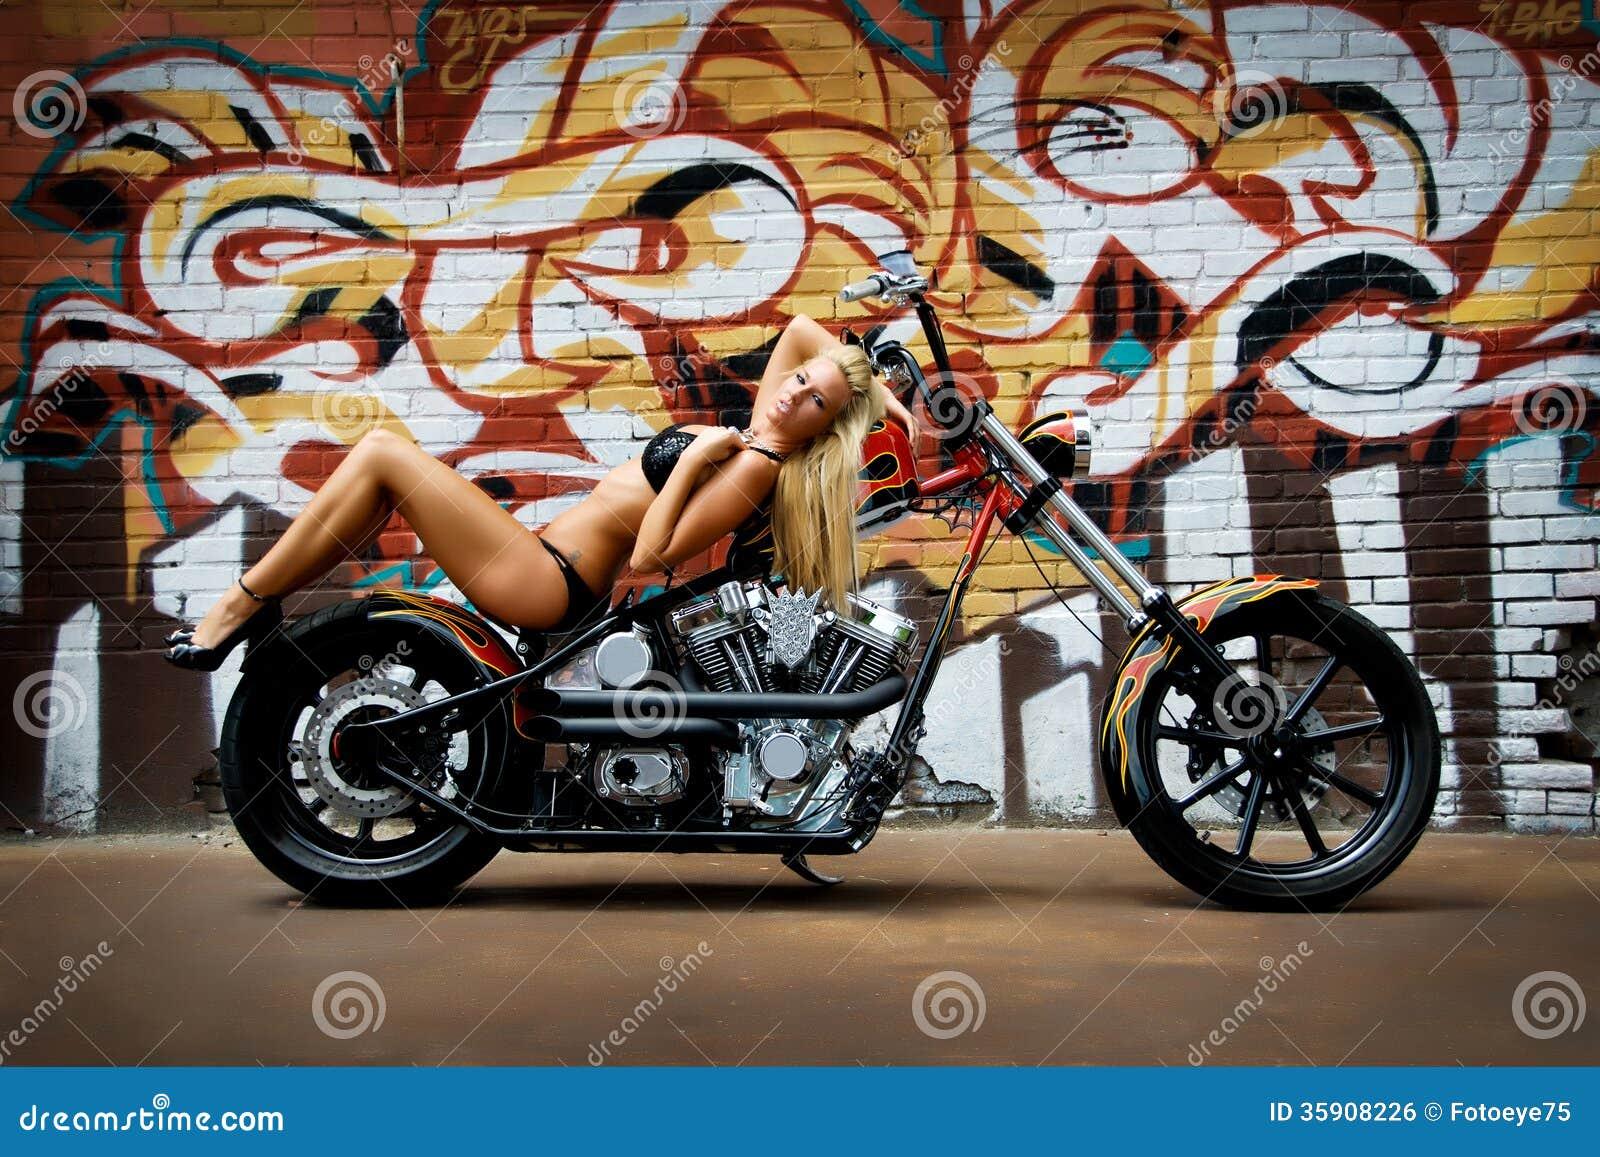 Download Girl Bikini on Motorcycle stock photo. Image of model - 35908226